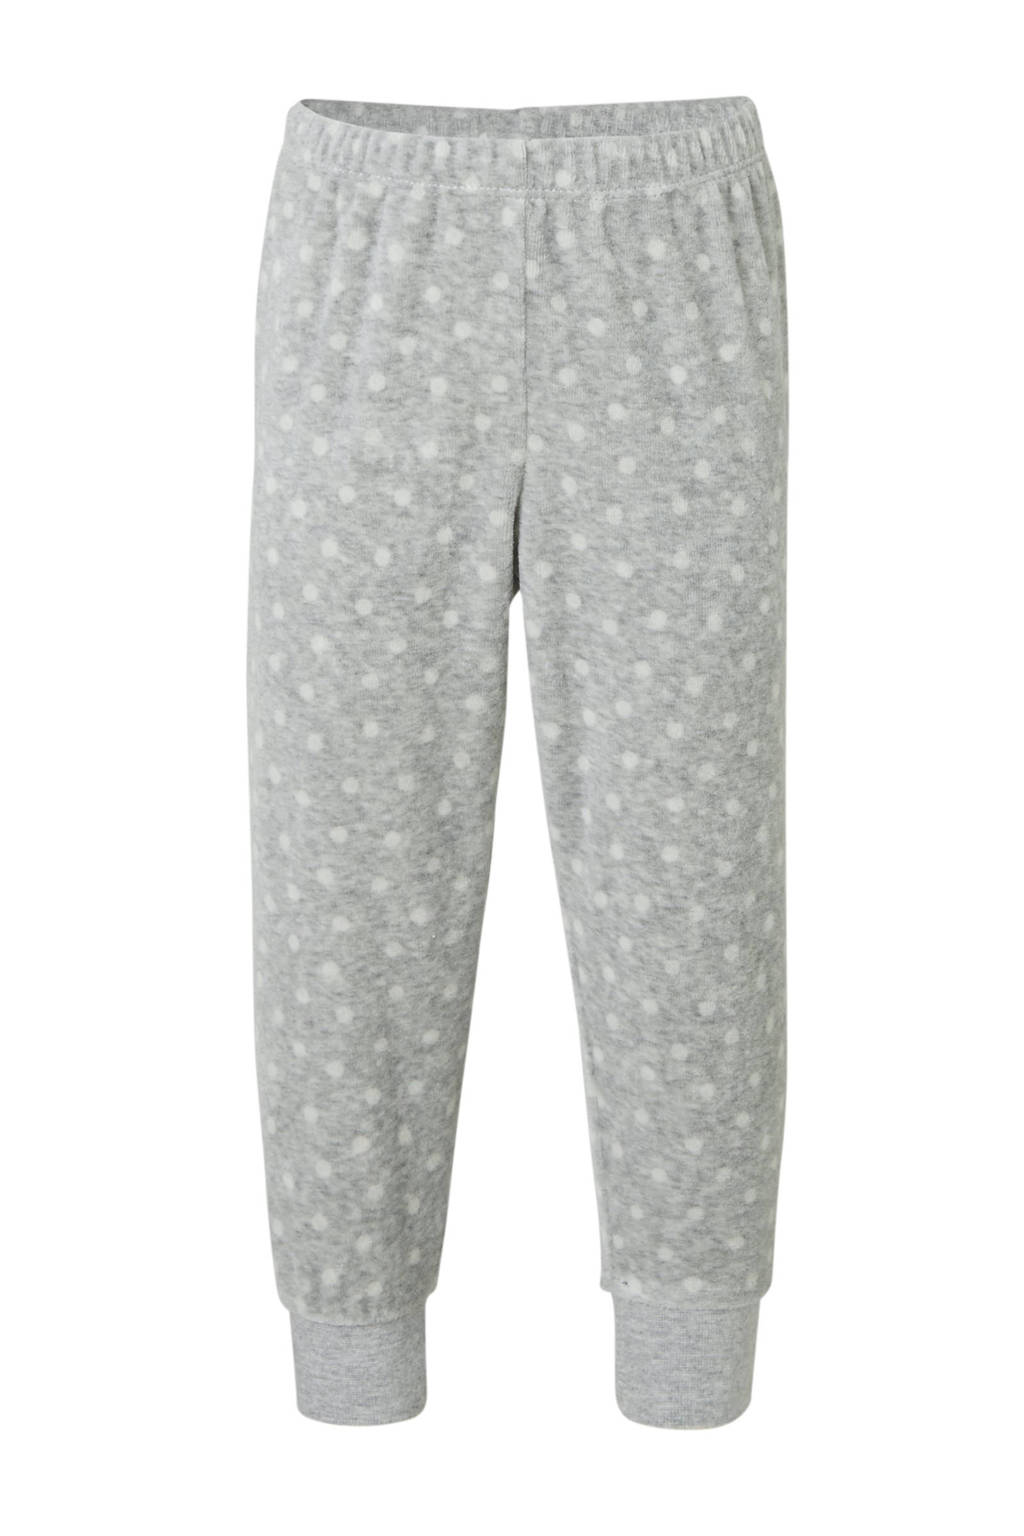 C&A Palomino pyjamabroek en top grijs/wit, Grijs/wit